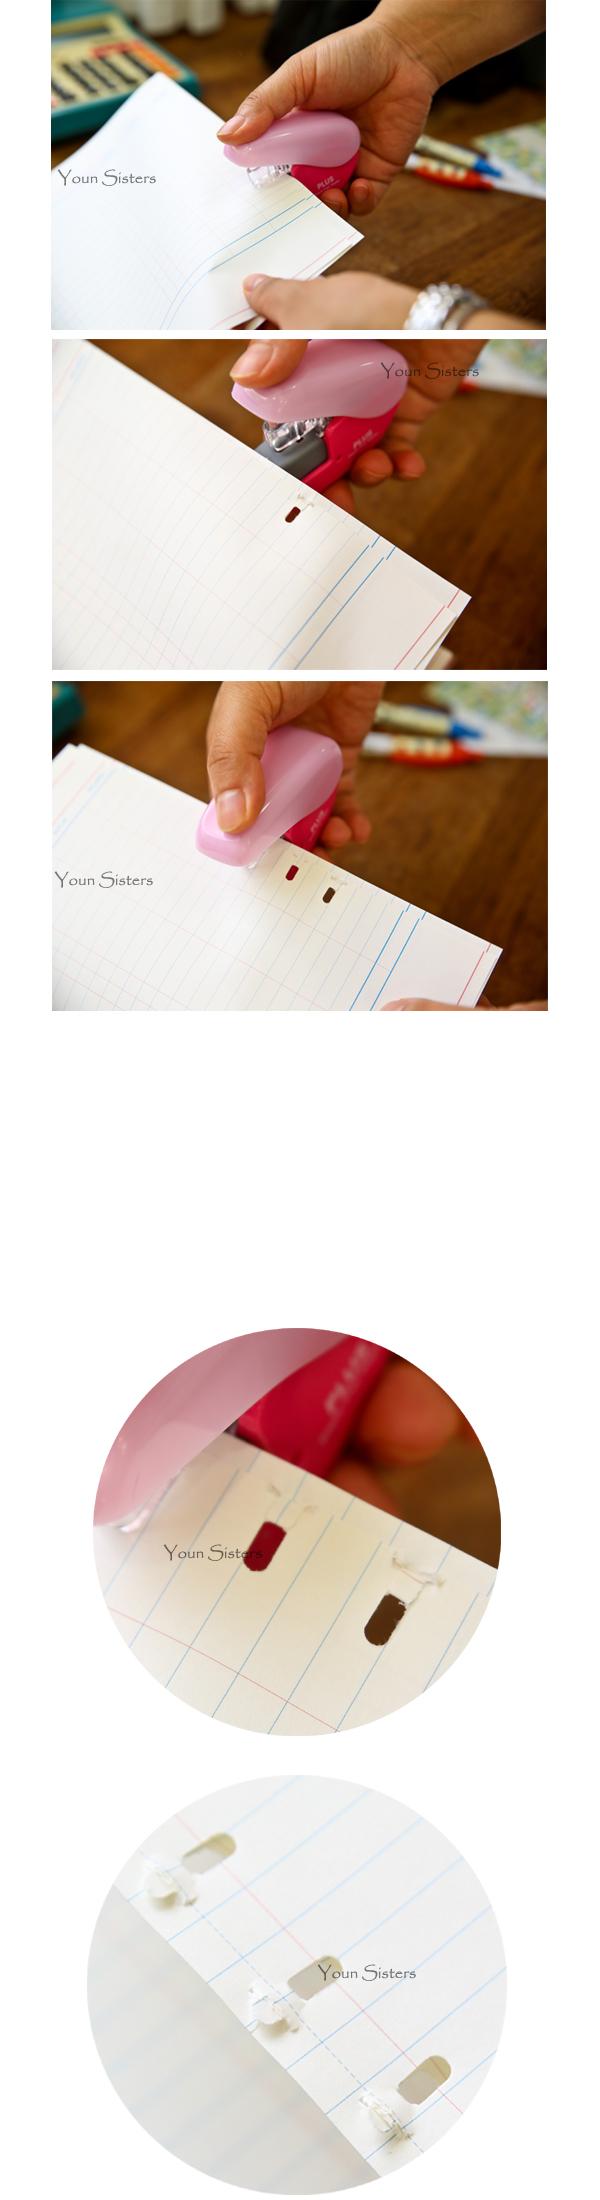 플러스스테플러9,400원-윤자매네디자인문구, 오피스 용품, 스테플러, 침없는 스테플러바보사랑플러스스테플러9,400원-윤자매네디자인문구, 오피스 용품, 스테플러, 침없는 스테플러바보사랑